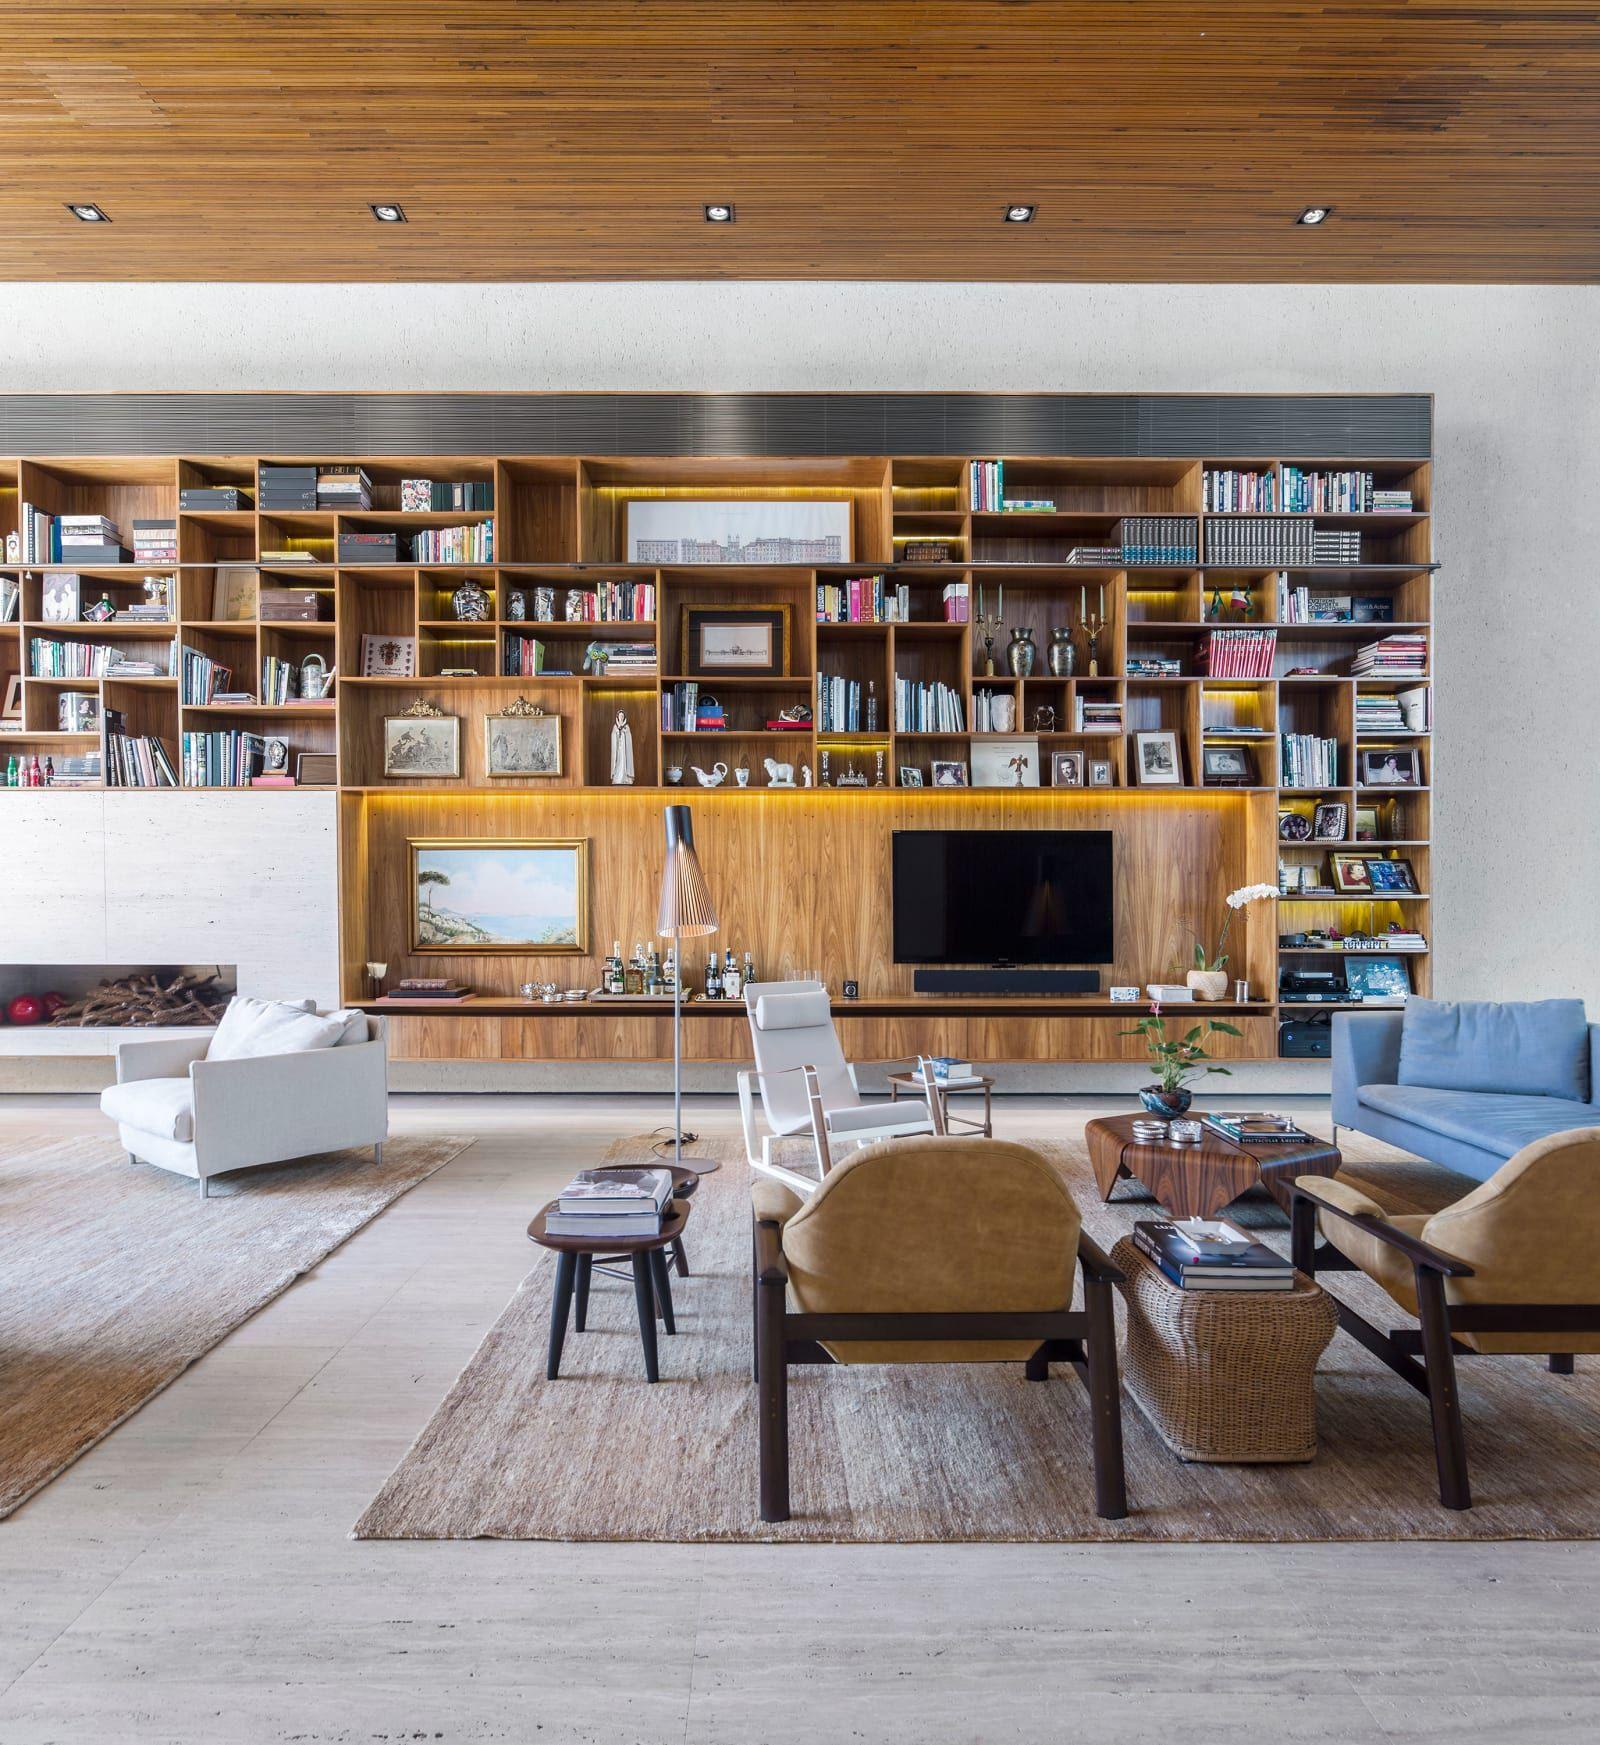 kogan furniture. Studio Mk27 - Marcio Kogan, Fernando Guerra / FG+SG · Tetris House Kogan Furniture P